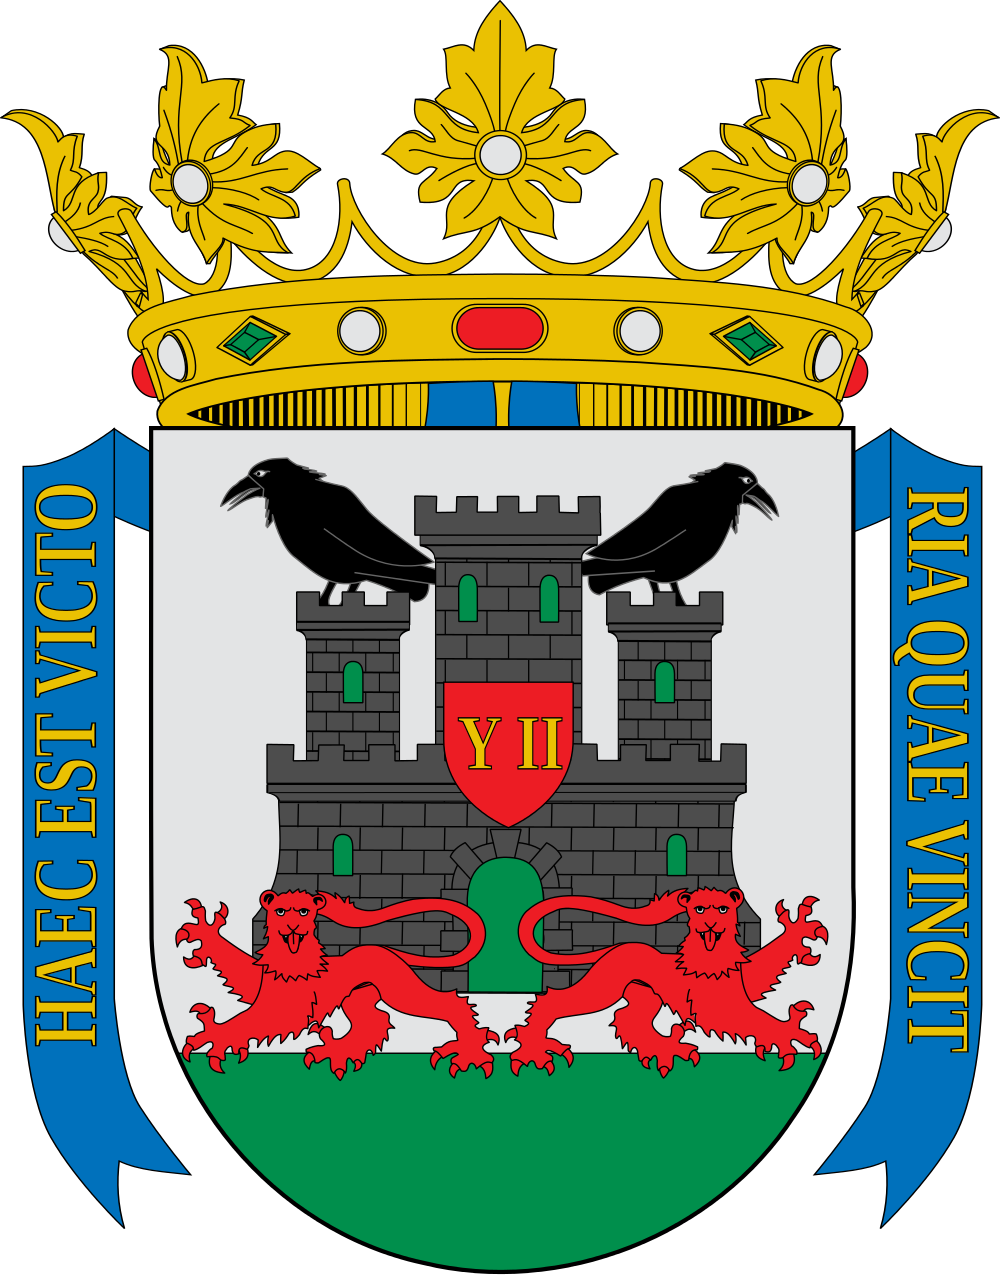 File:Escudo de Vitoria.svg.